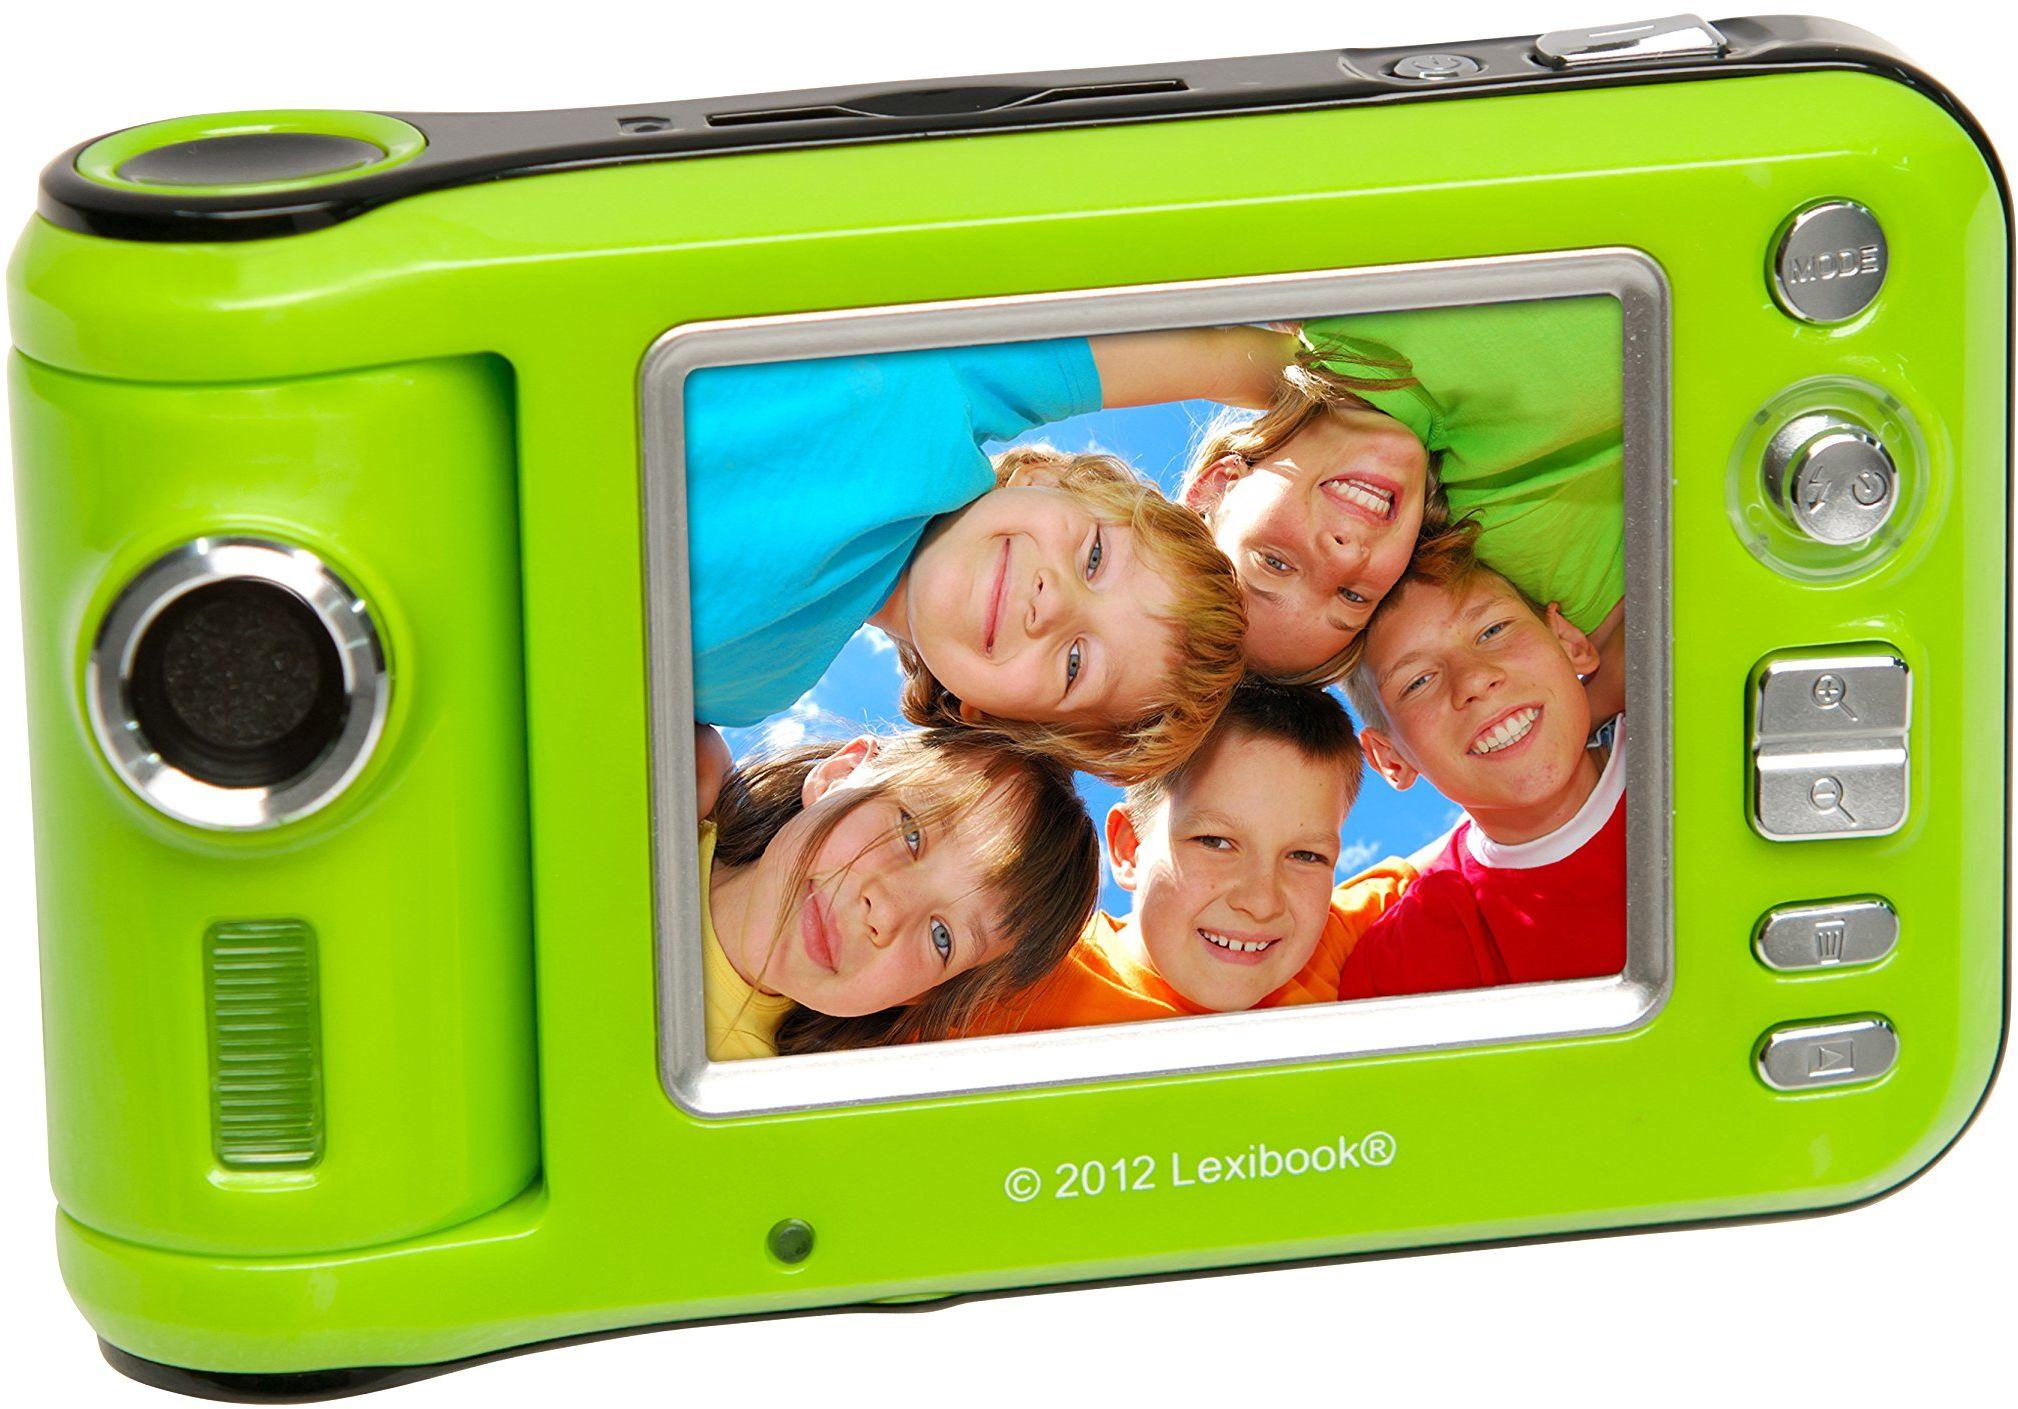 Lexibook Aparat o rozdzielczości 12 megapikseli, z obrotowym błyskiem i obiektywem z ekranem LCD 2,4 cala